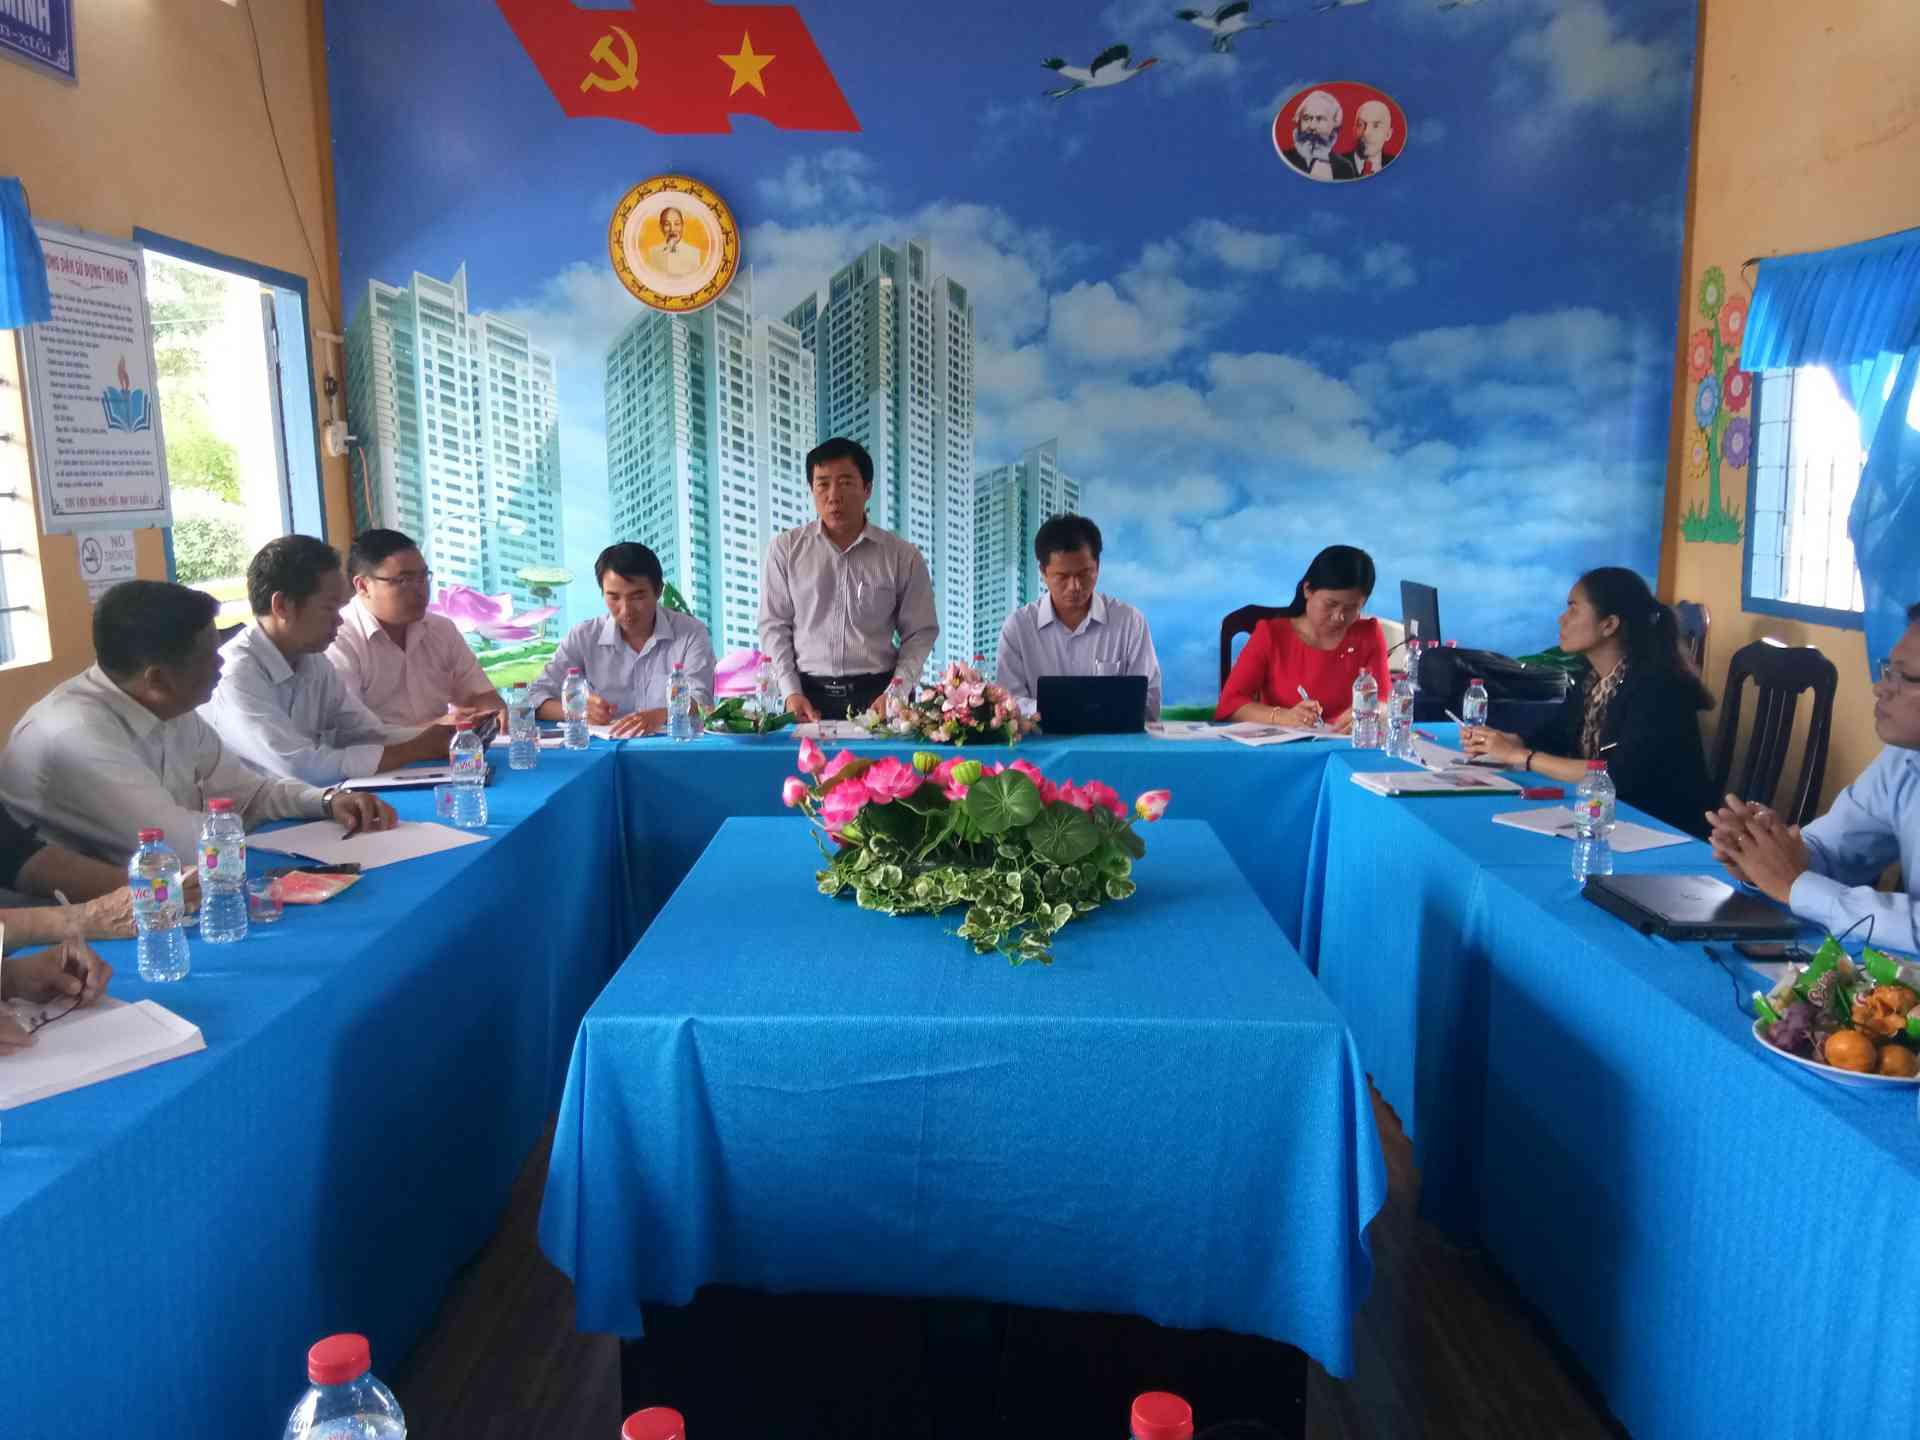 Ông Nguyễn Minh Tâm, Phó Giám đốc Sở GDĐT – Trưởng đoàn kiểm tra, phát biểu kết luận sau buổi kiểm tra